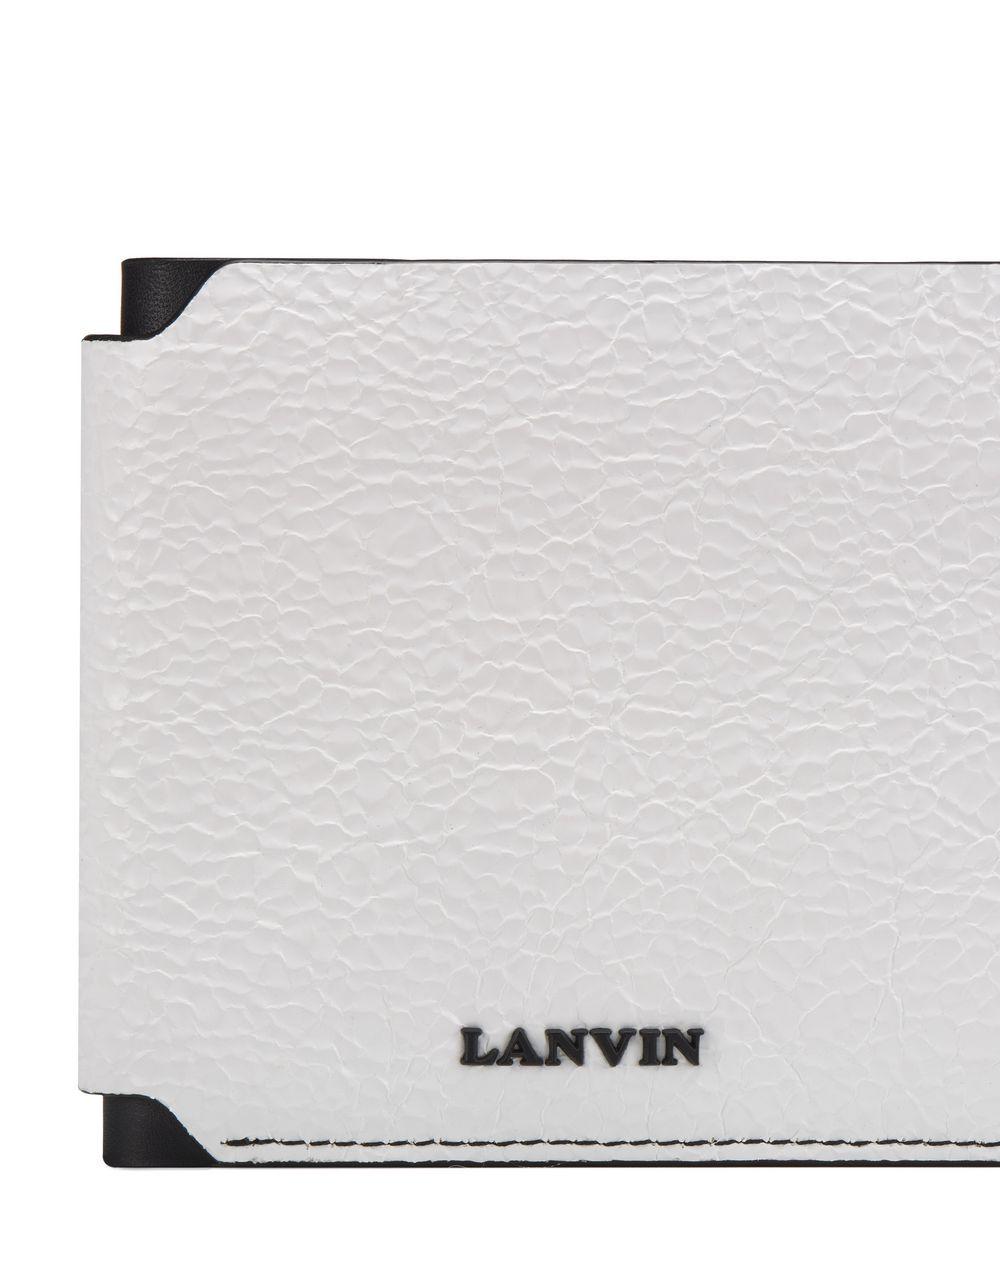 PLASTIC-EFFECT LEATHER WALLET - Lanvin